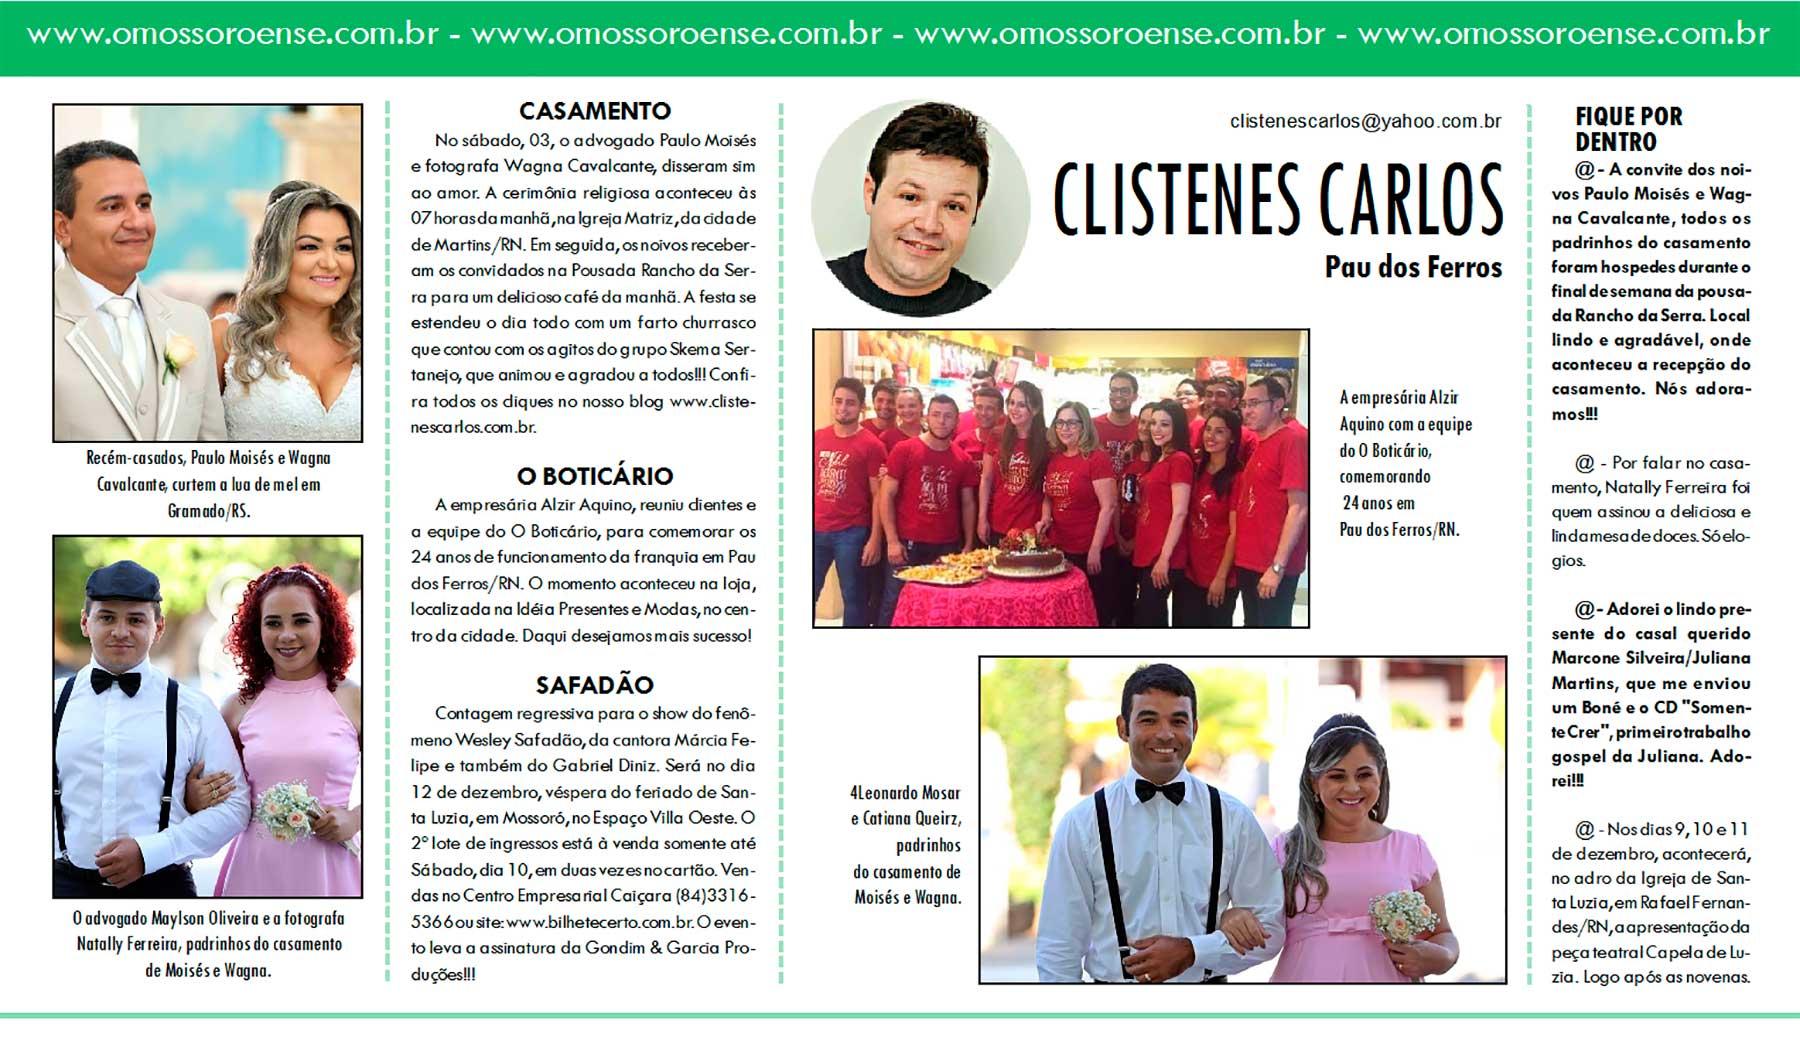 clistenes-carlos-06-12-16